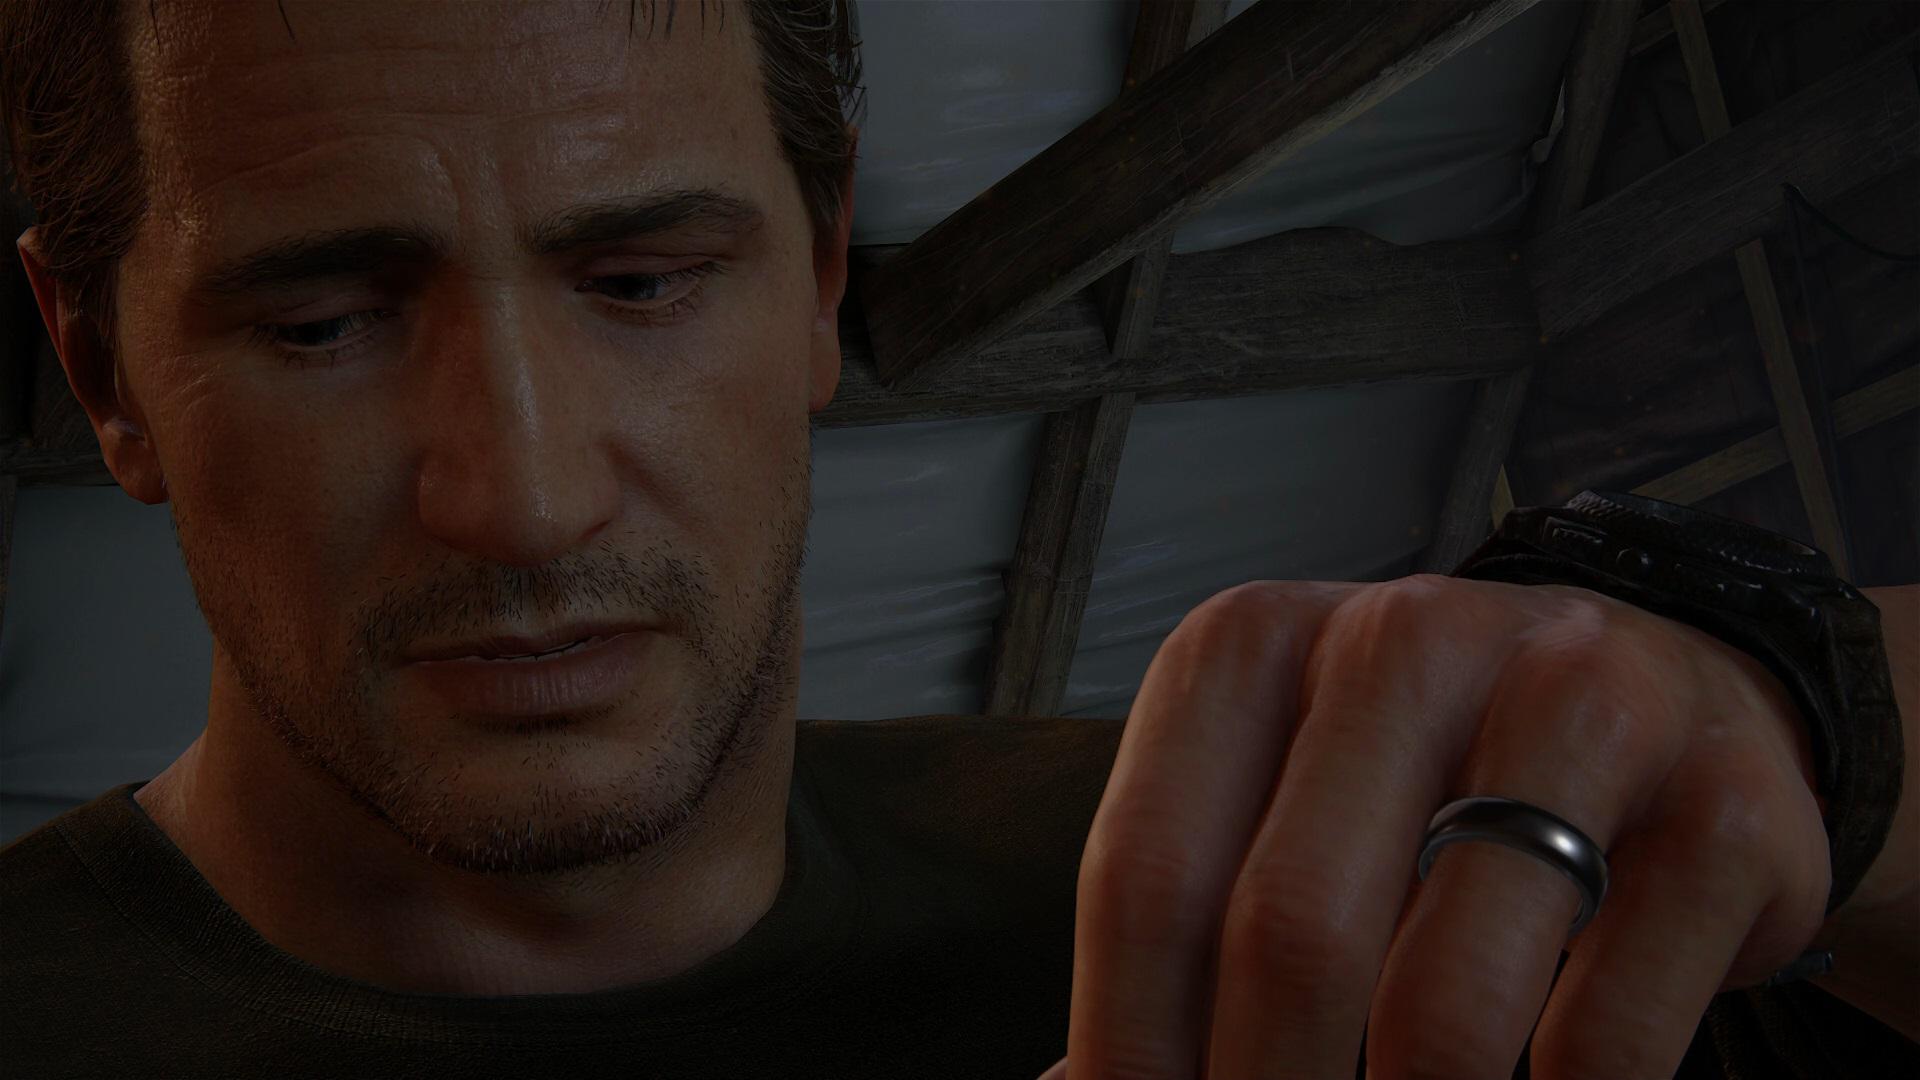 60 imagens de Uncharted 4, um dos jogos mais belos já lançados [spoilers]